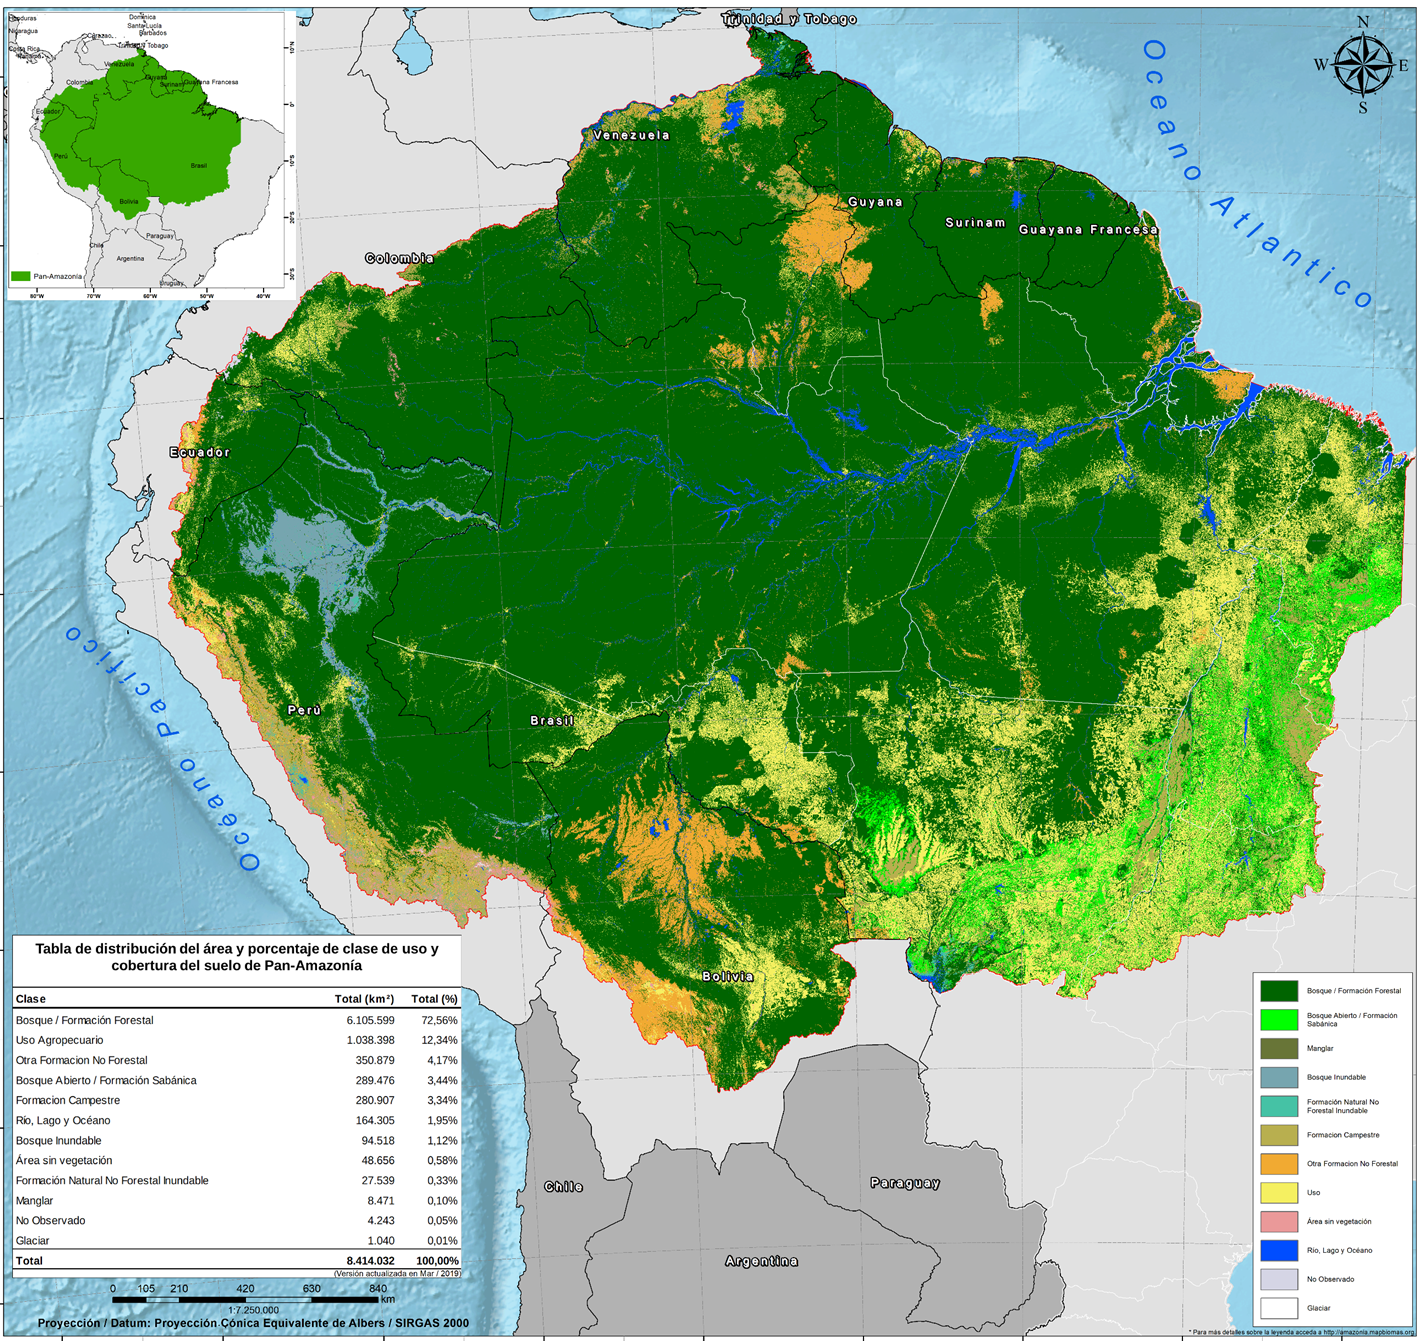 Un mapa elaborado a inicios de este año muestra el avance de la pérdida de bosques en la Amazonía. Fuente: MapBiomas.